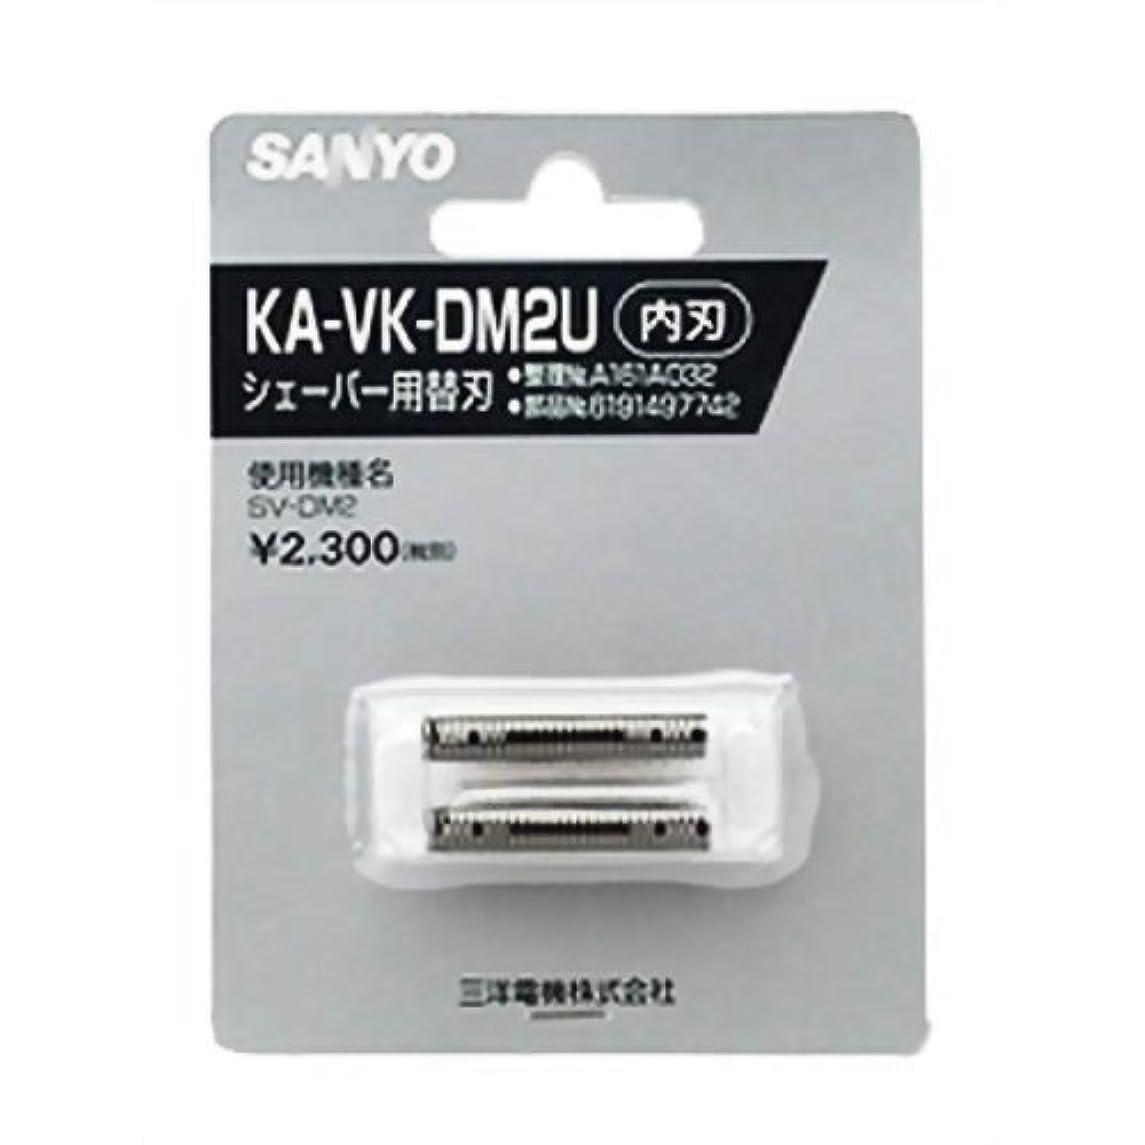 かりてタクトアイドルSANYO (サンヨー) KA-VK-DM2U シェーバー替刃 (内刃)